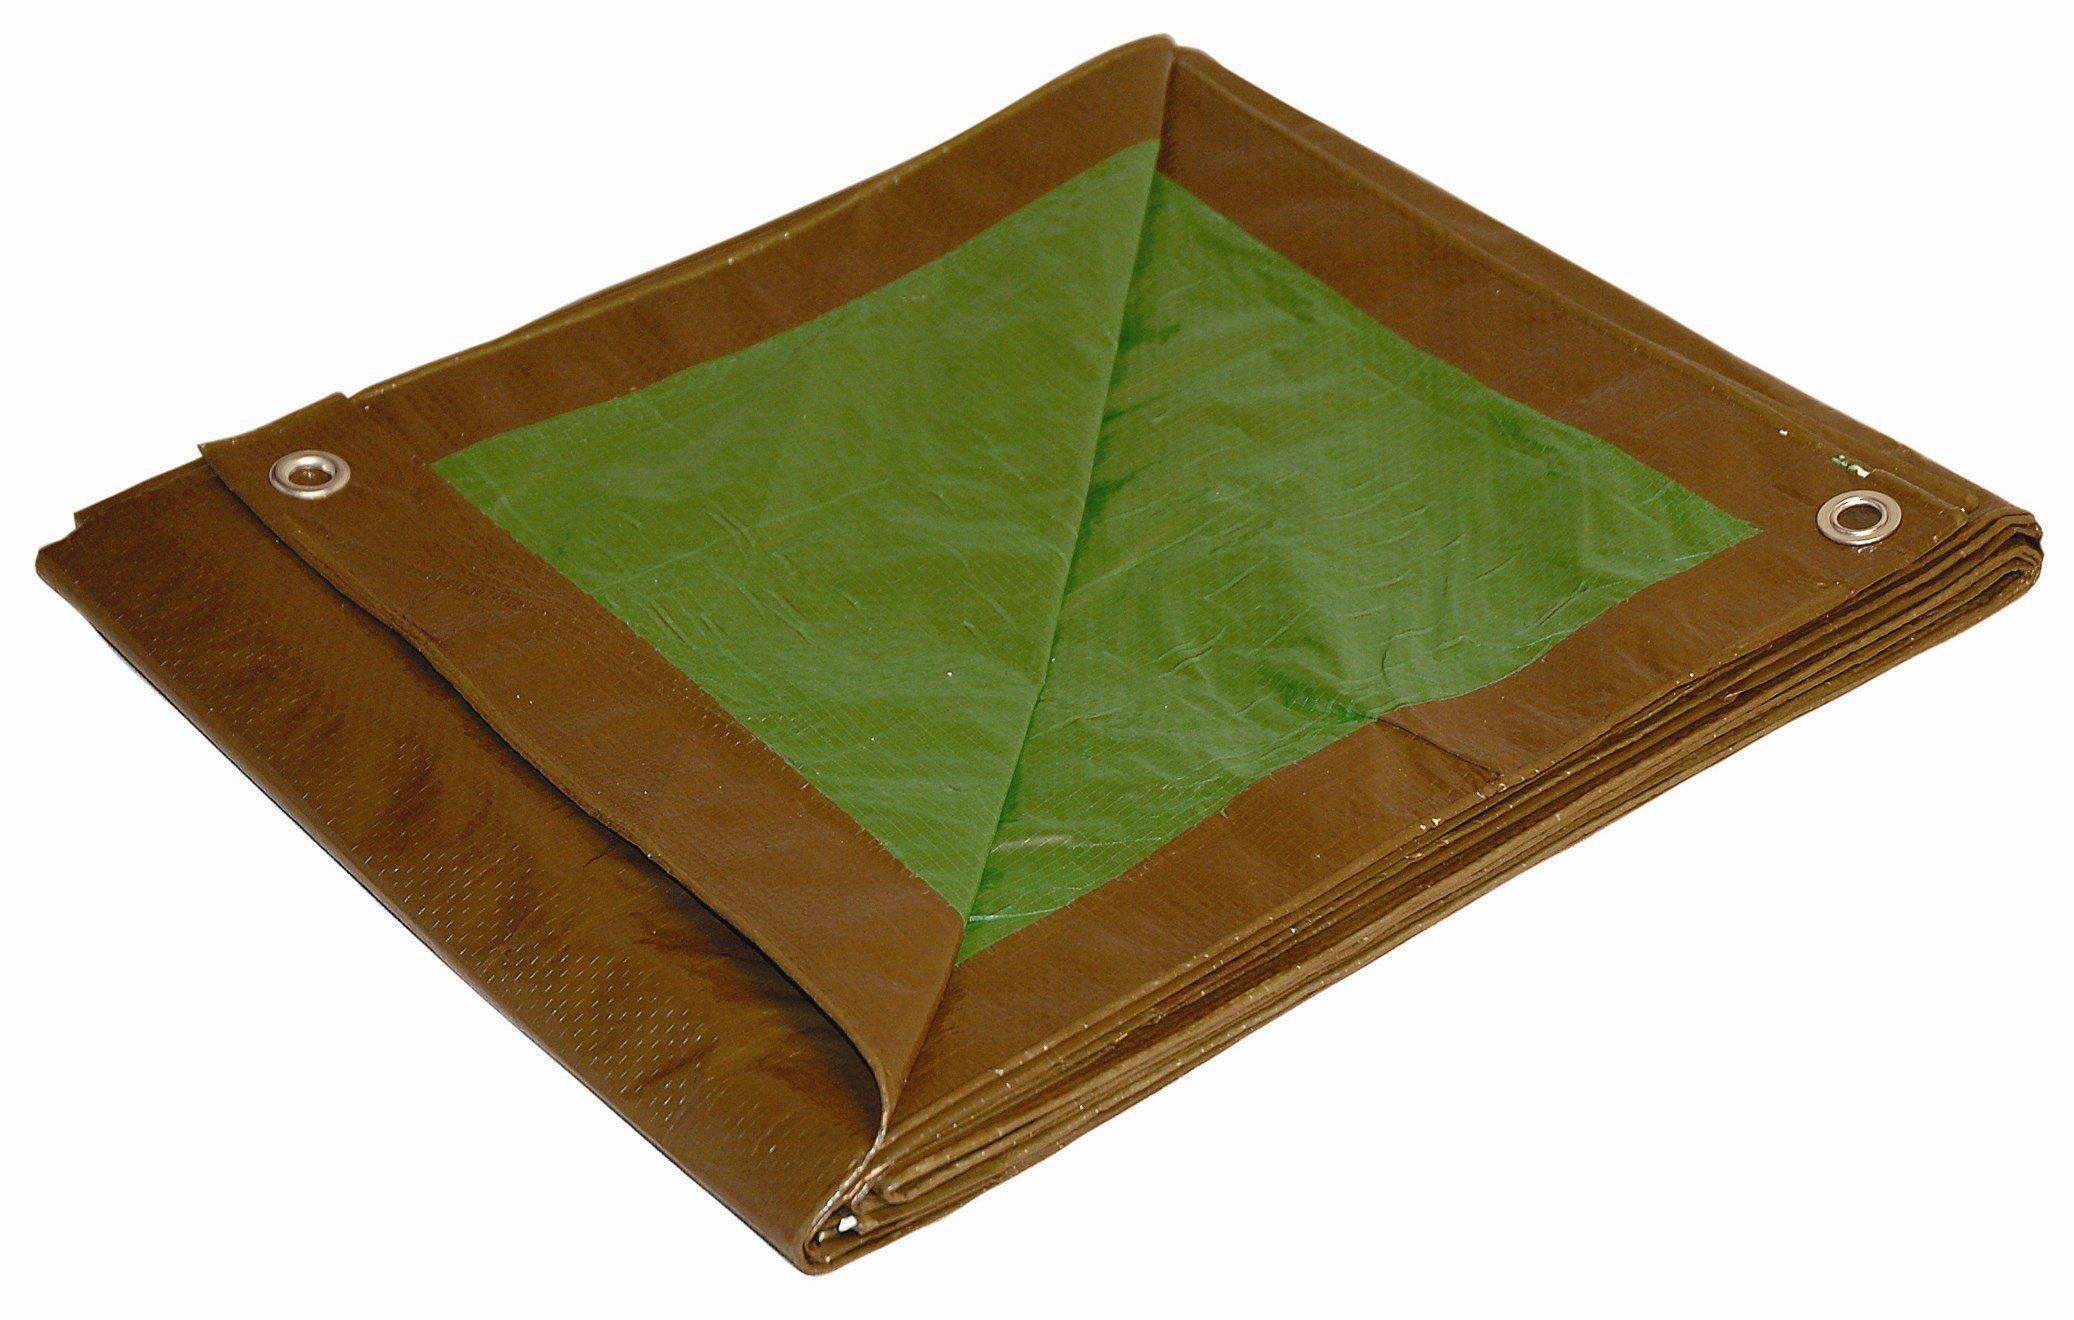 10' x 12' Dry Top Brown/Green Reversible Full Size 7-mil Poly Tarp item #110128